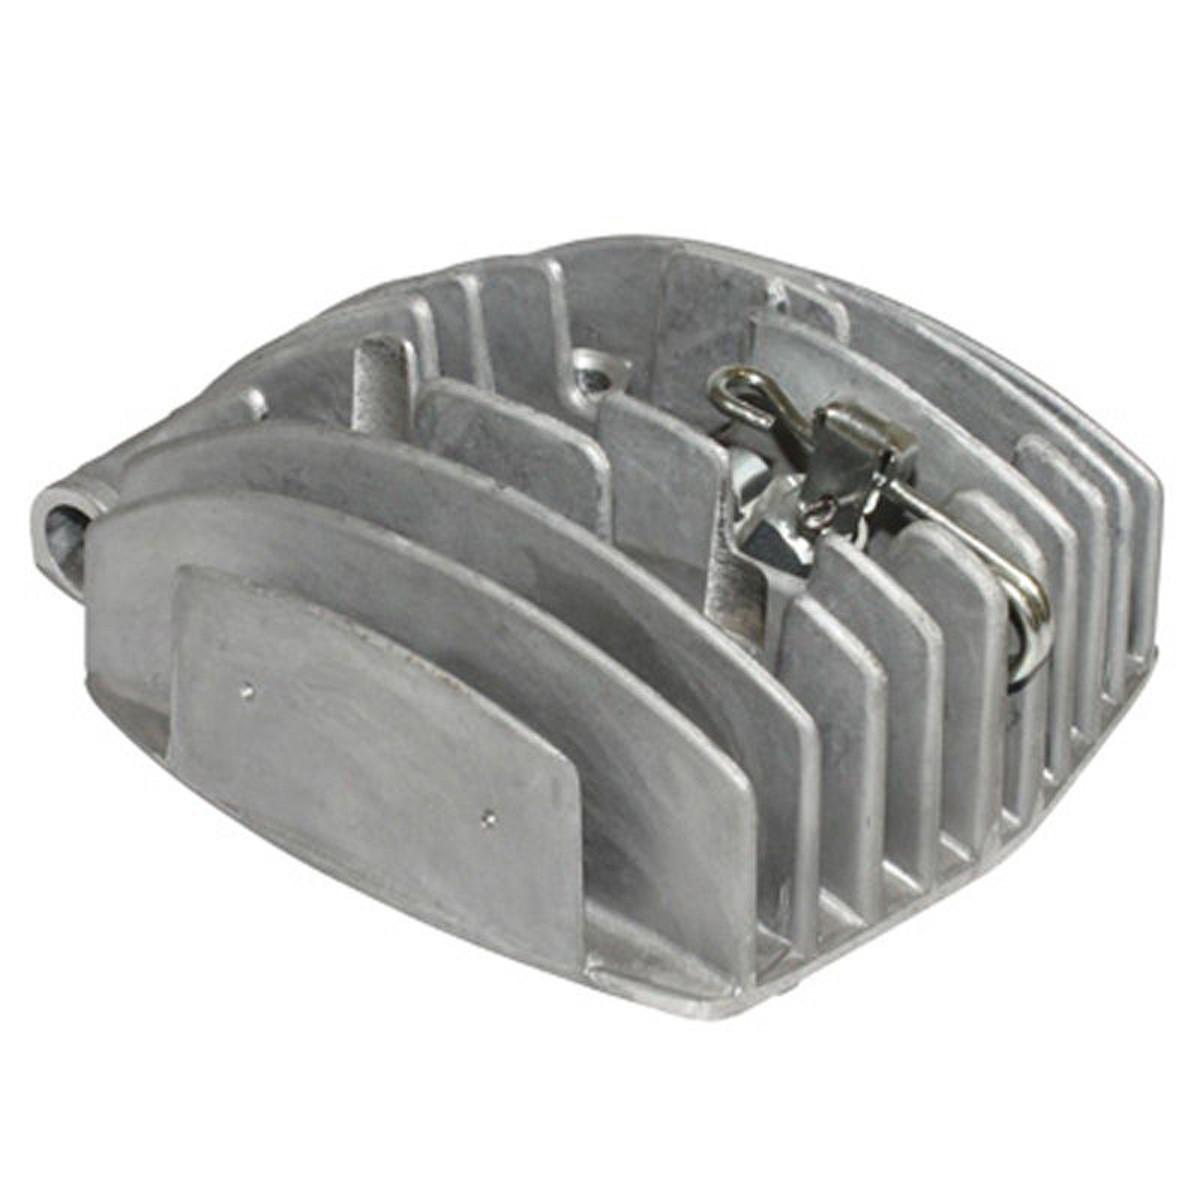 Culasse Motobécane, Motoconfort 40, 50 - Type Origine